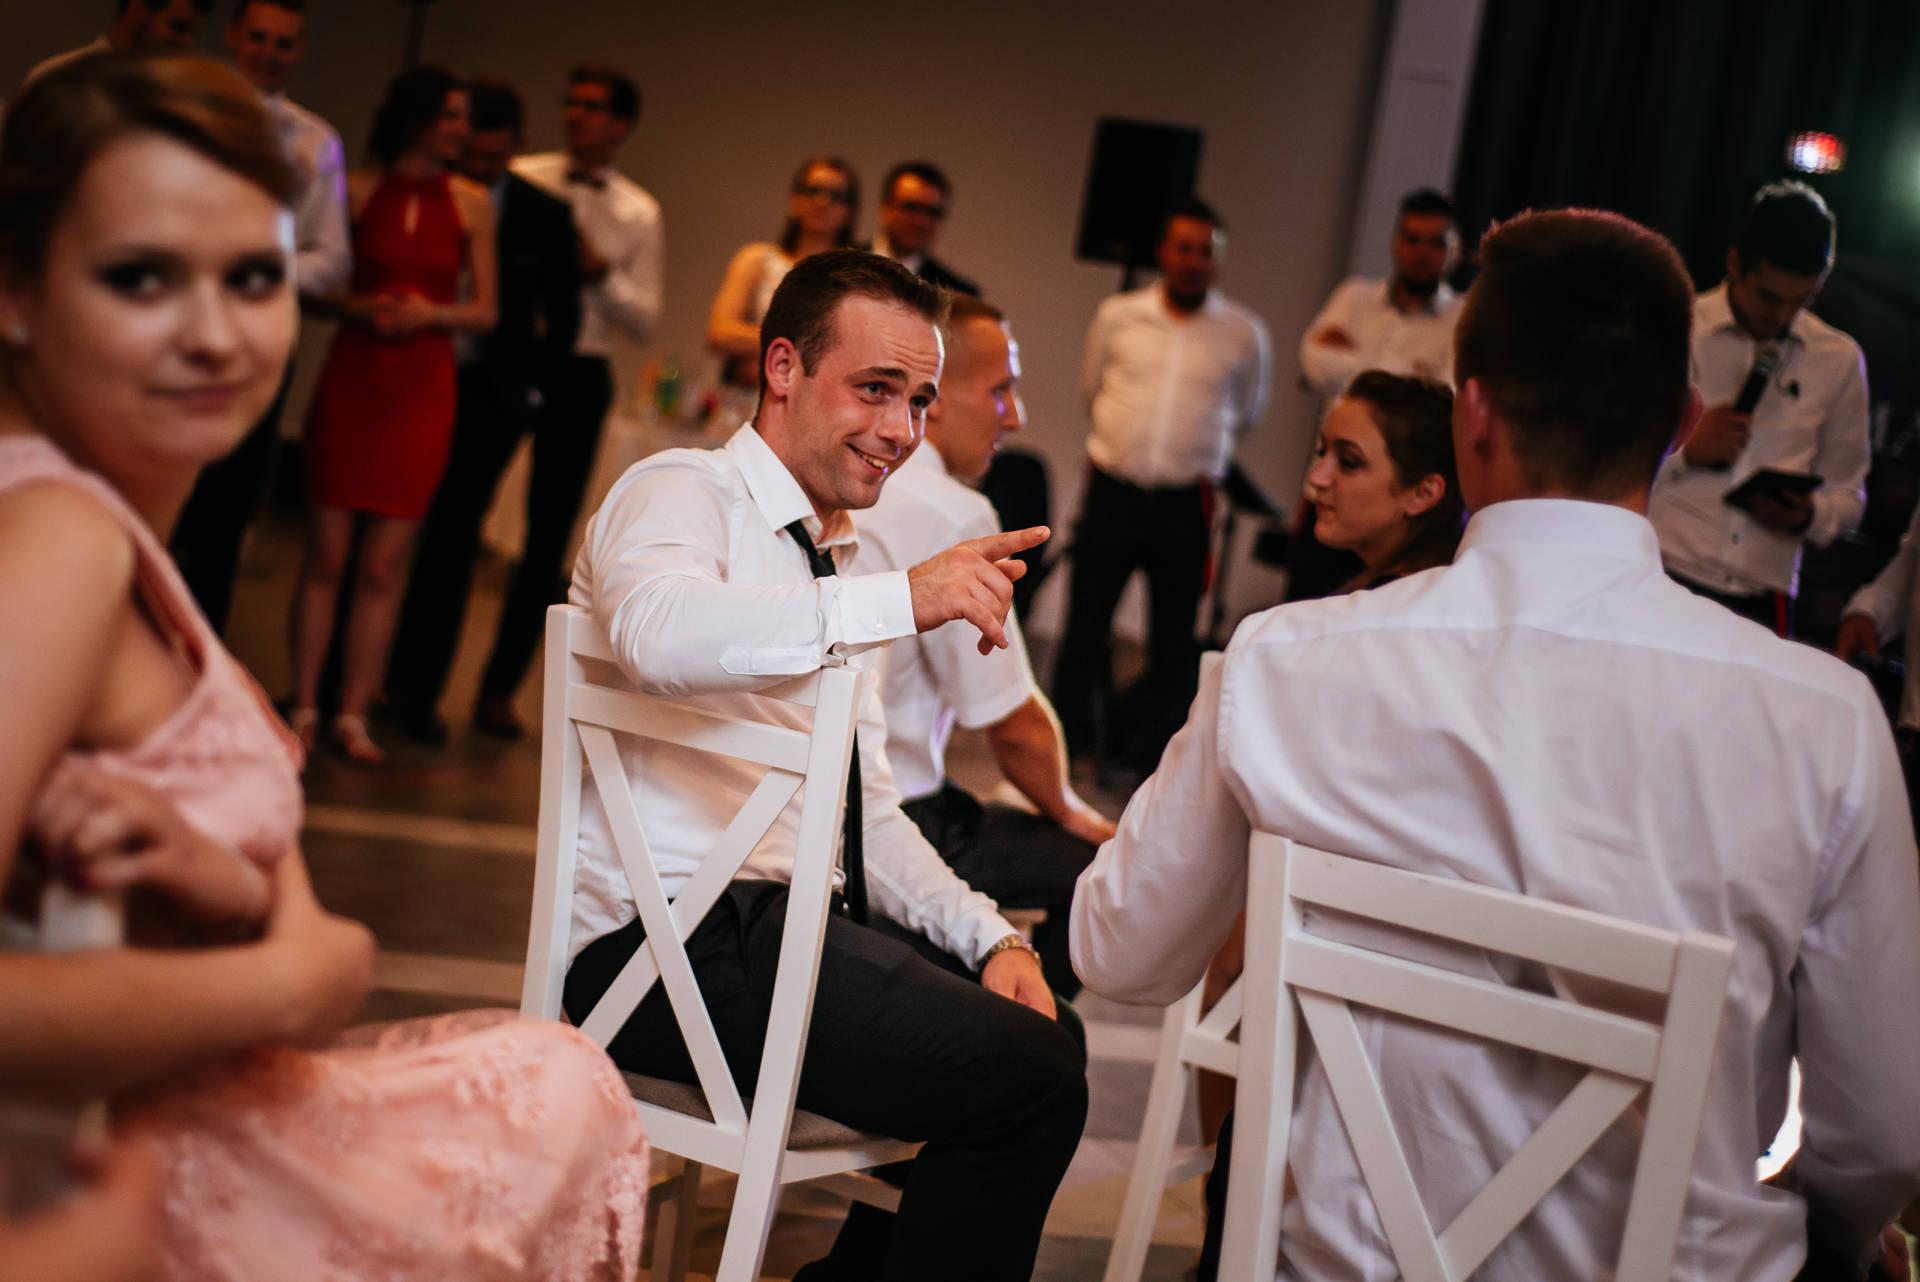 Ślub i wesele w Szczytnie, w południowej części Mazur, w województwie warmińsko-mazurskim - fot. Rafał i Magda Nitychoruk